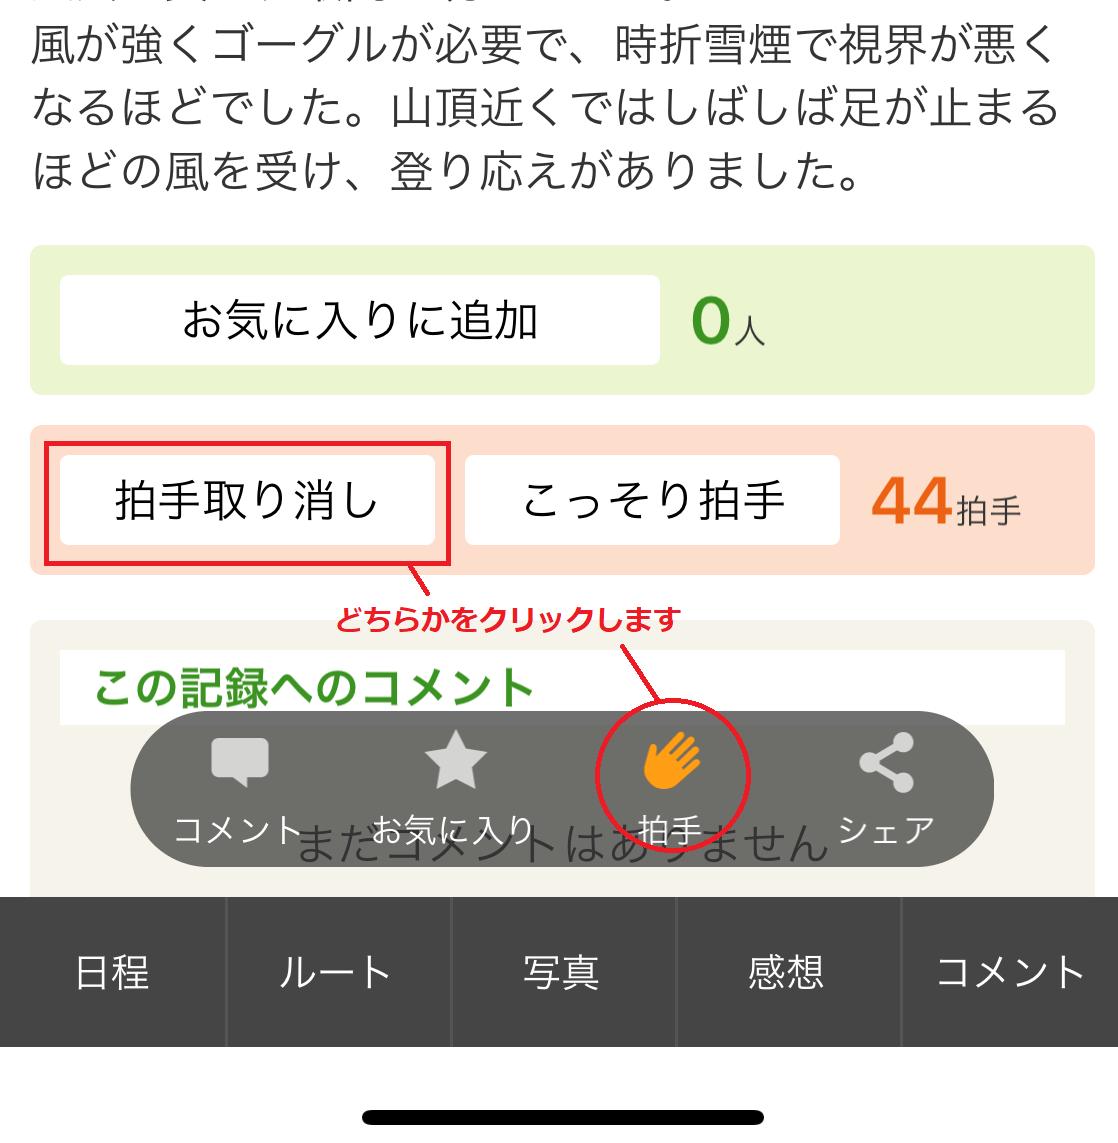 拍手取り消し(アプリ)